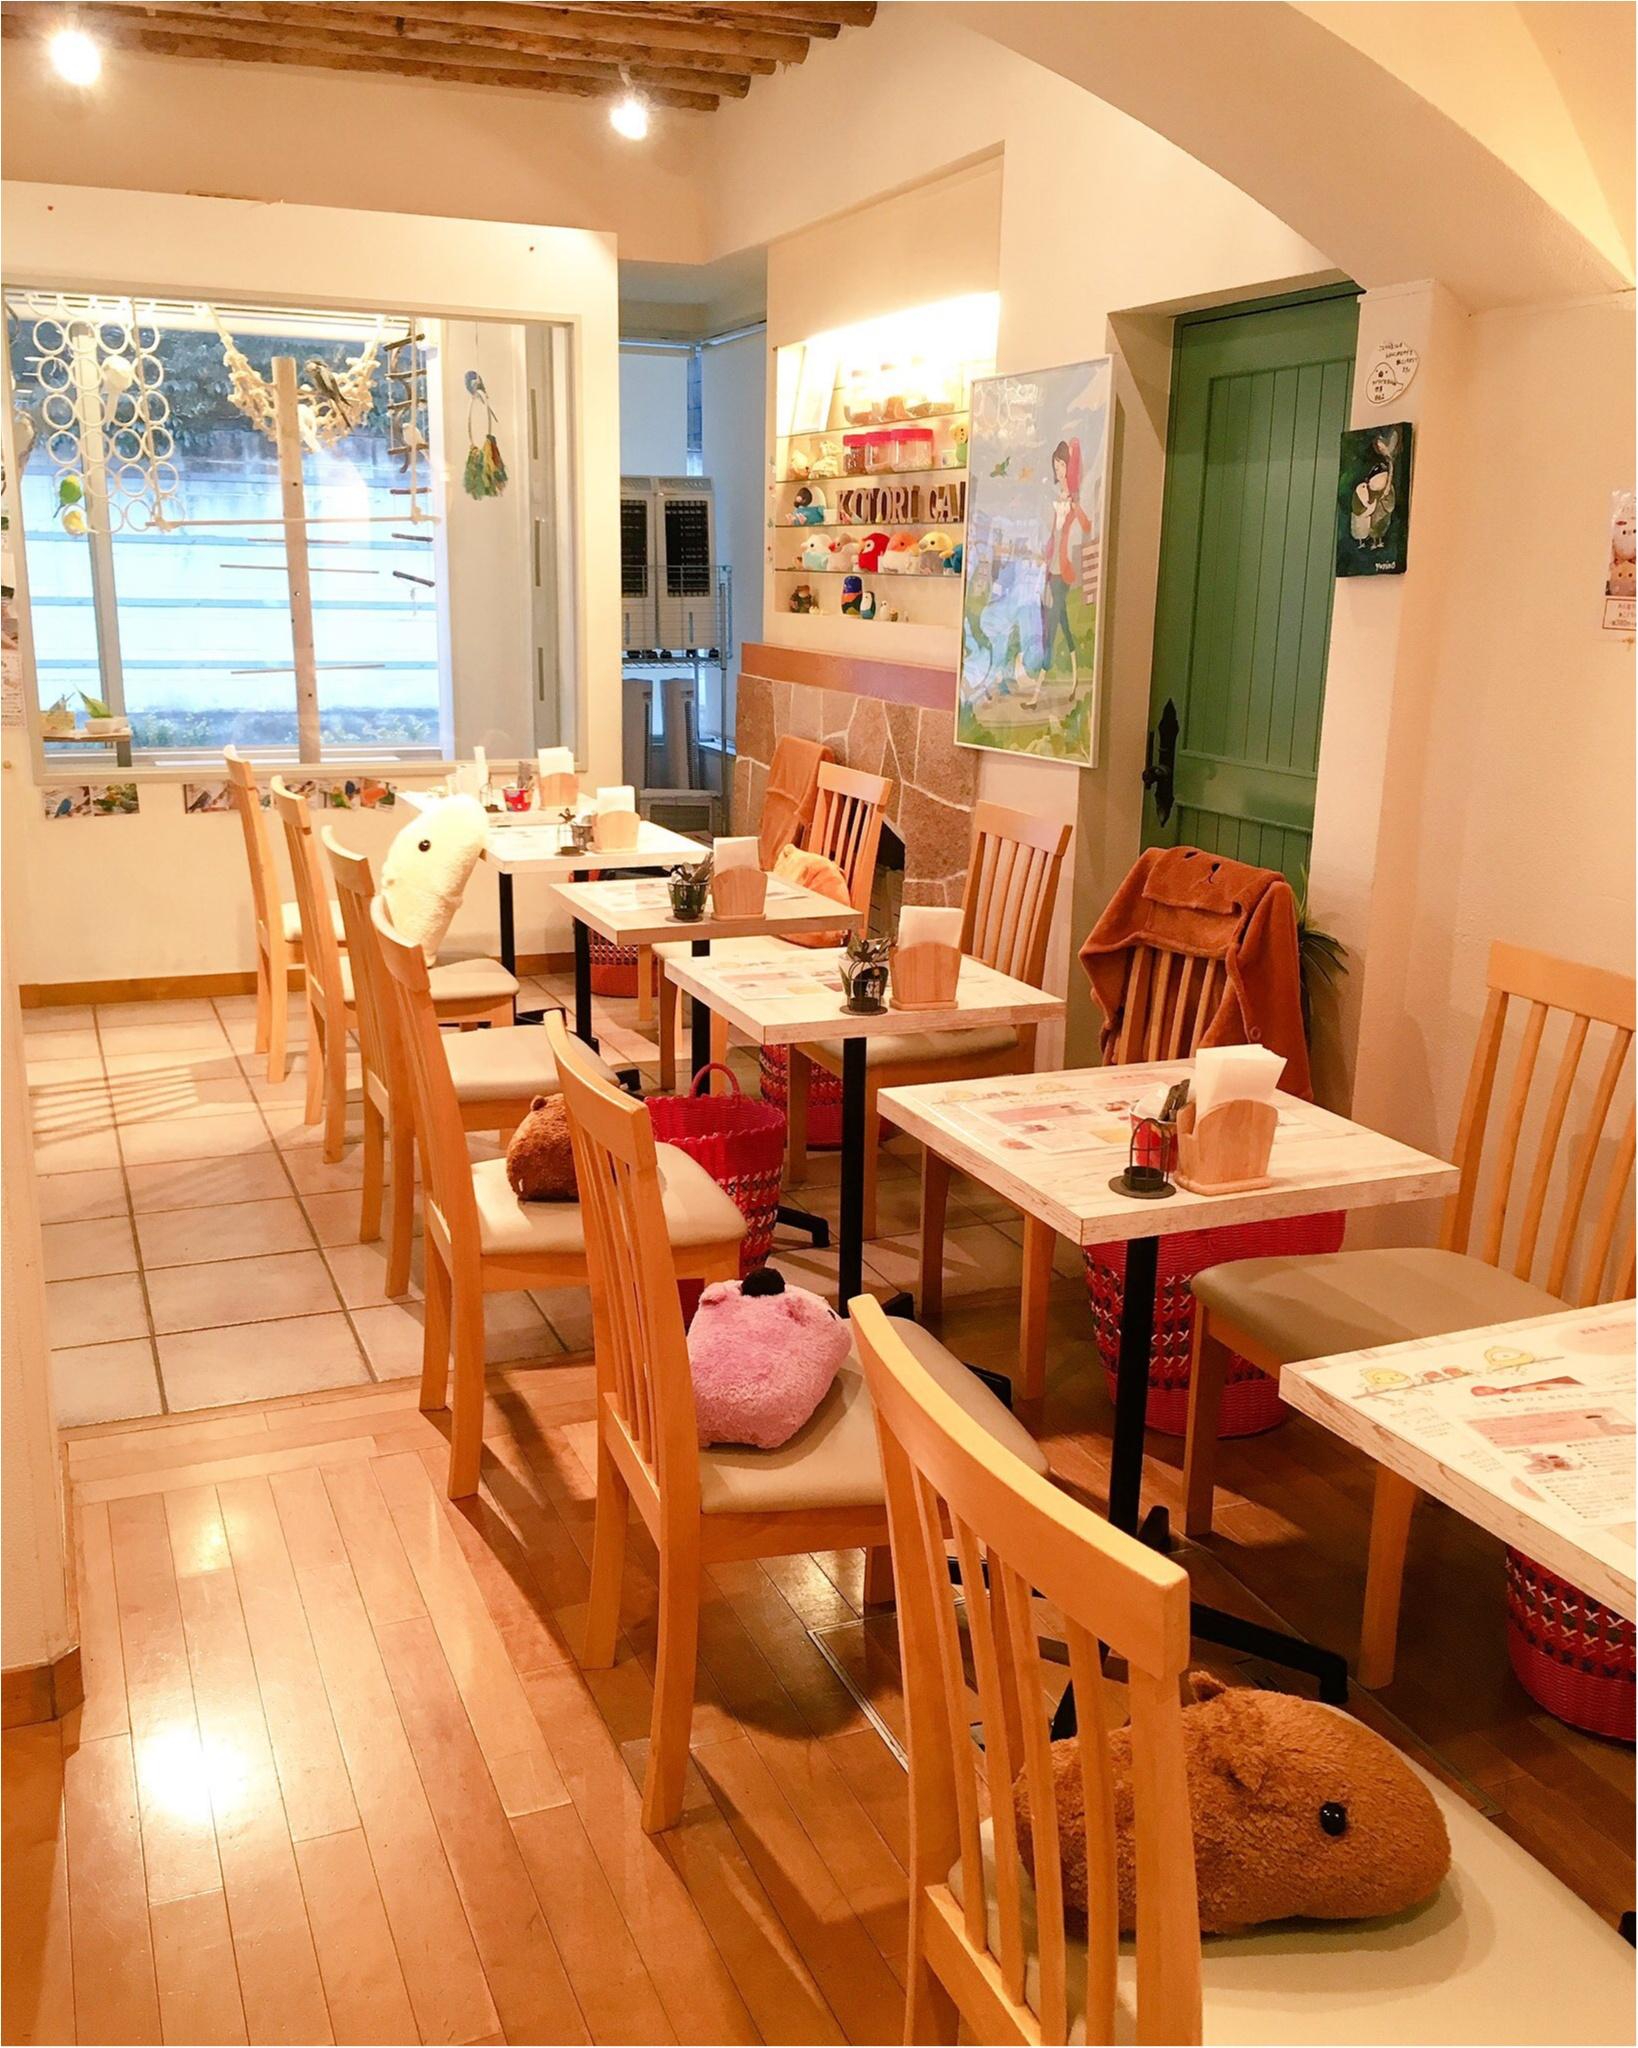 『カピバラさん×ことりカフェ』コラボ♡ことりカフェ表参道店でカピバラさんケーキを食べてきました(﹡´◡`﹡ )_2